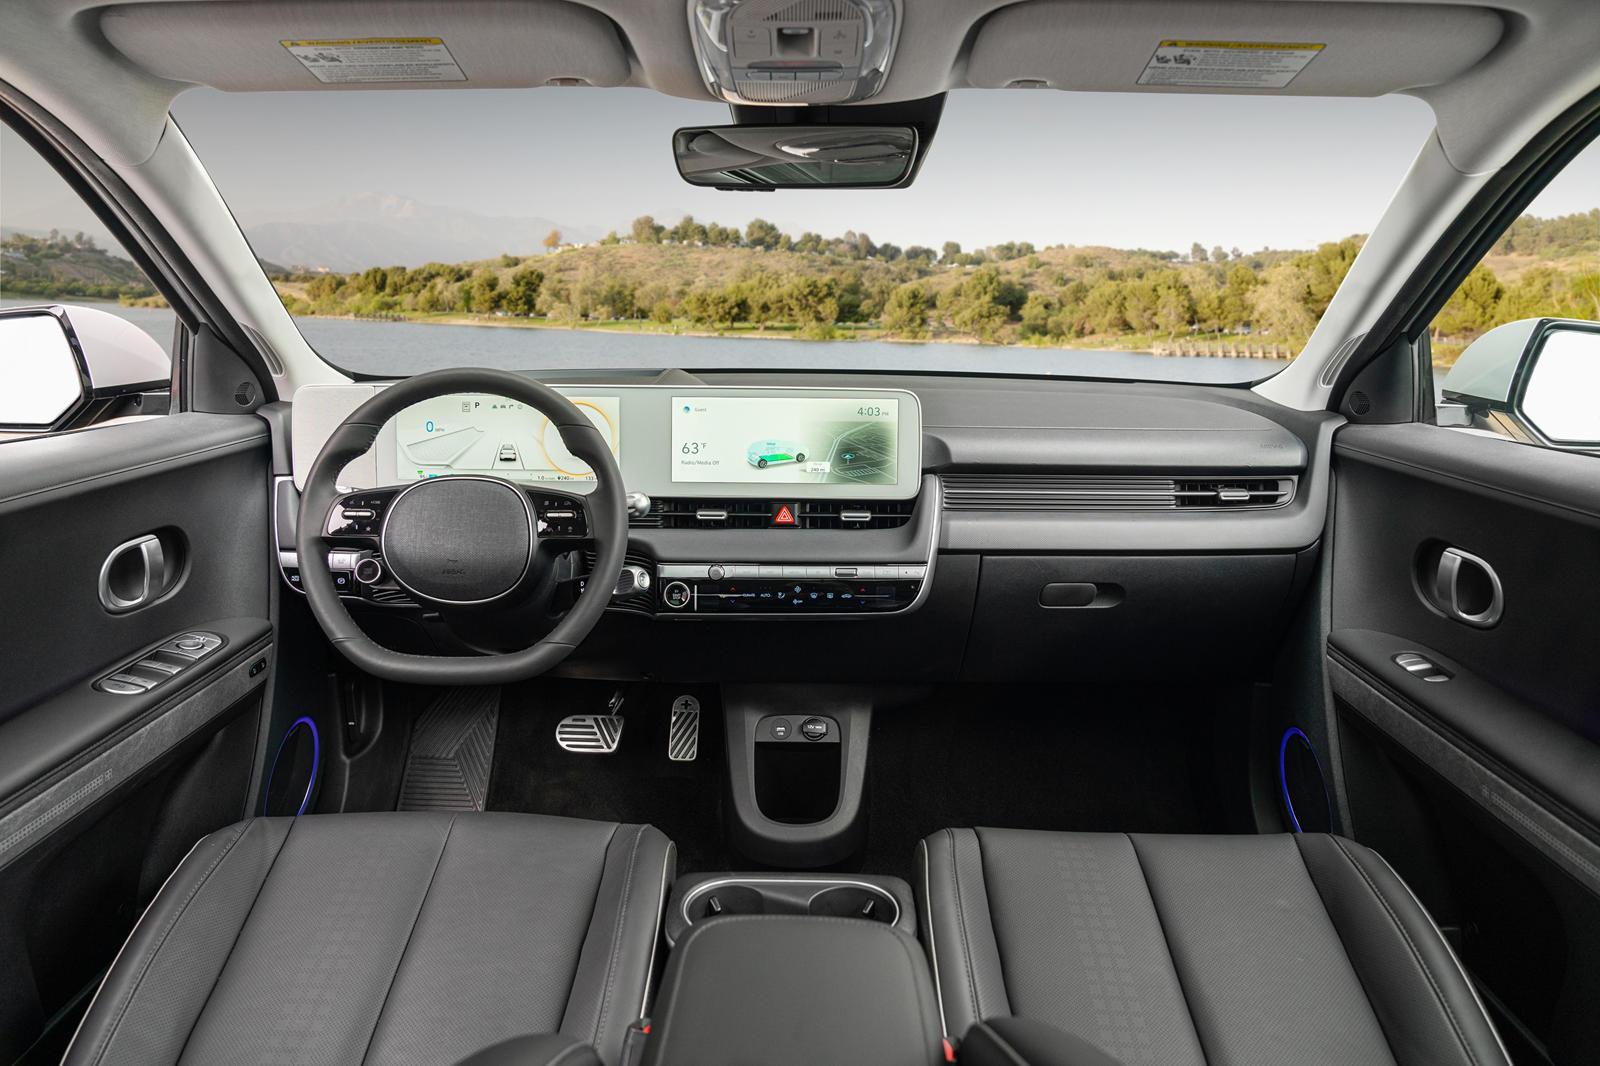 Hệ thống điều hoà trên xe Hyundai sẽ thay đổi hoàn toàn trong tương lai